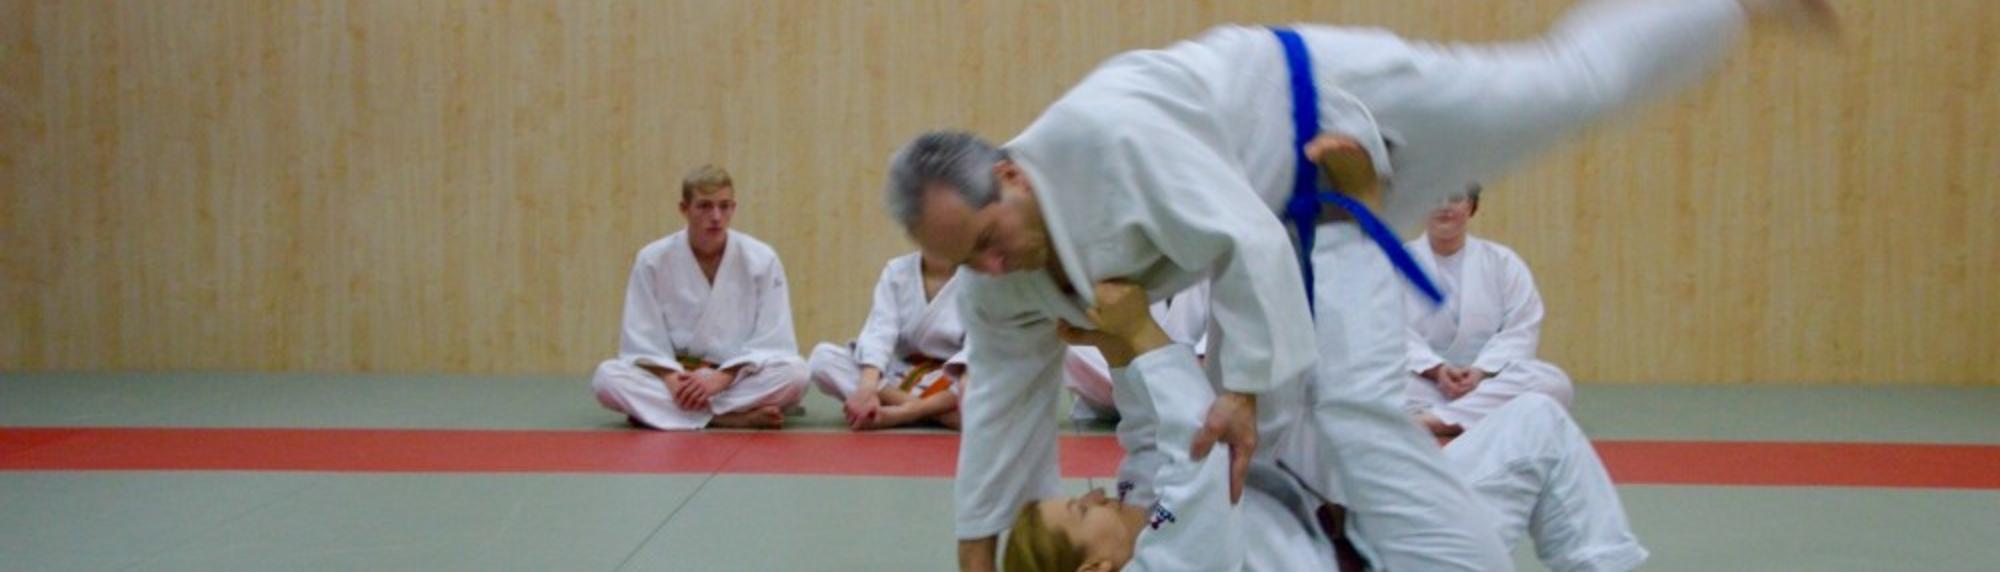 judo dreieich